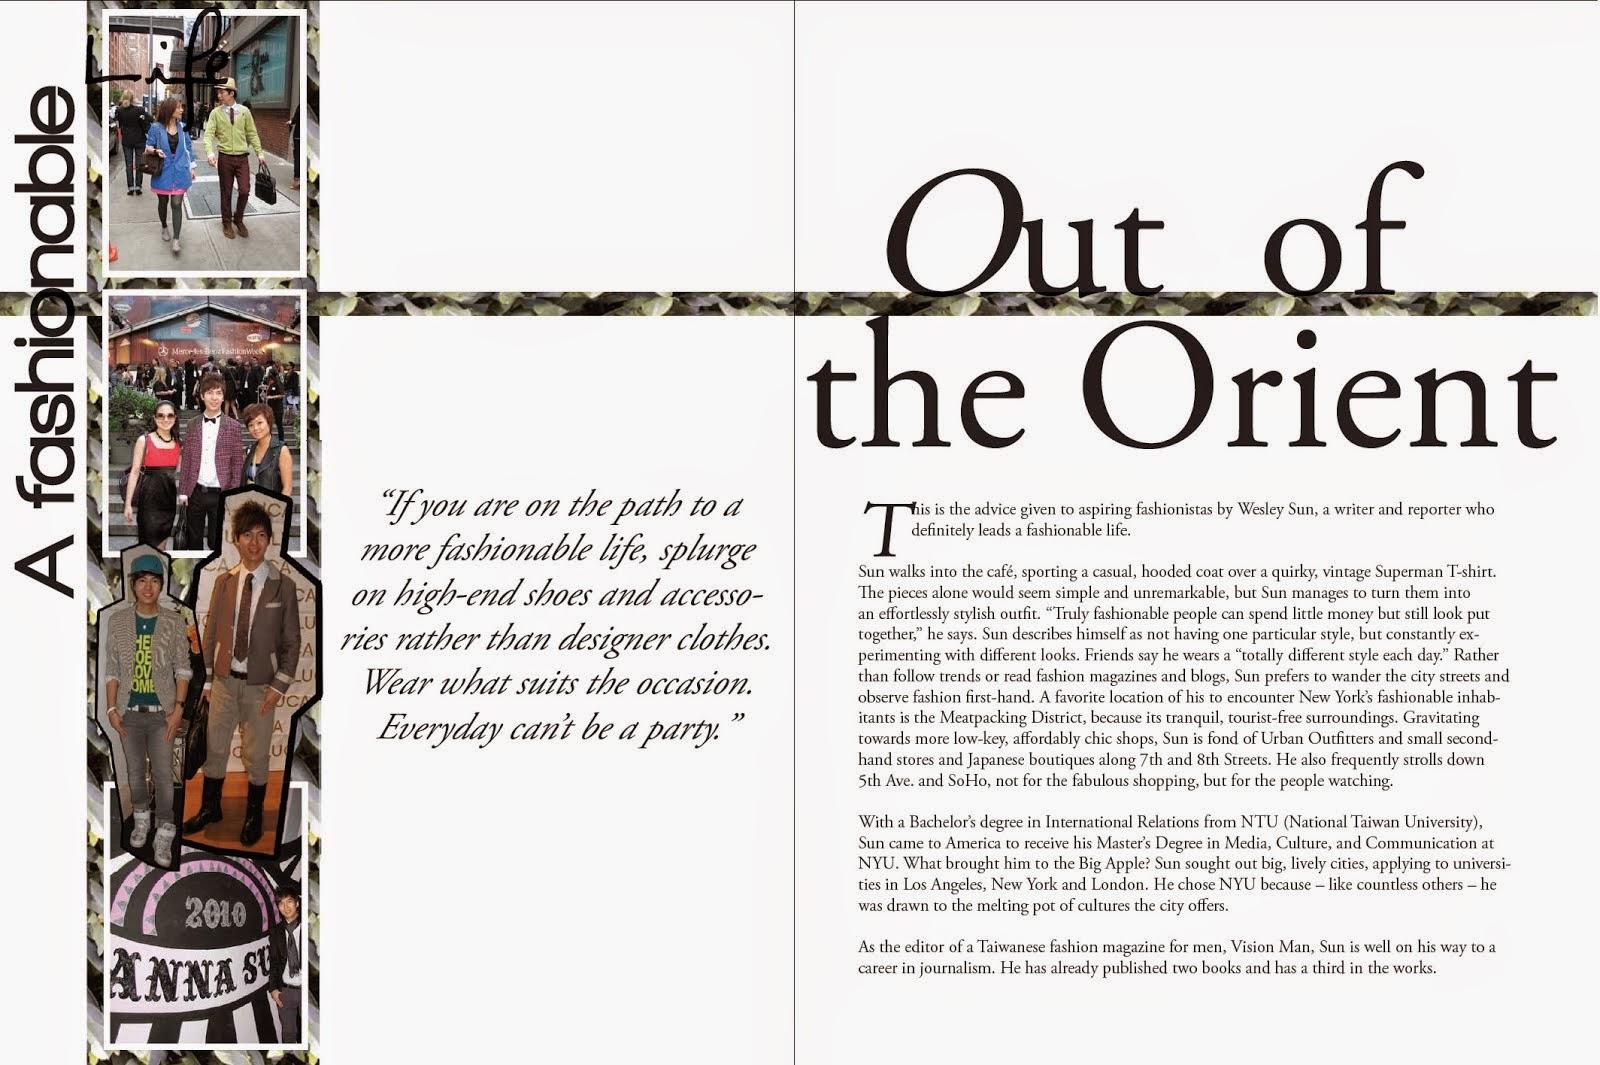 NYCHIC Magazine USA